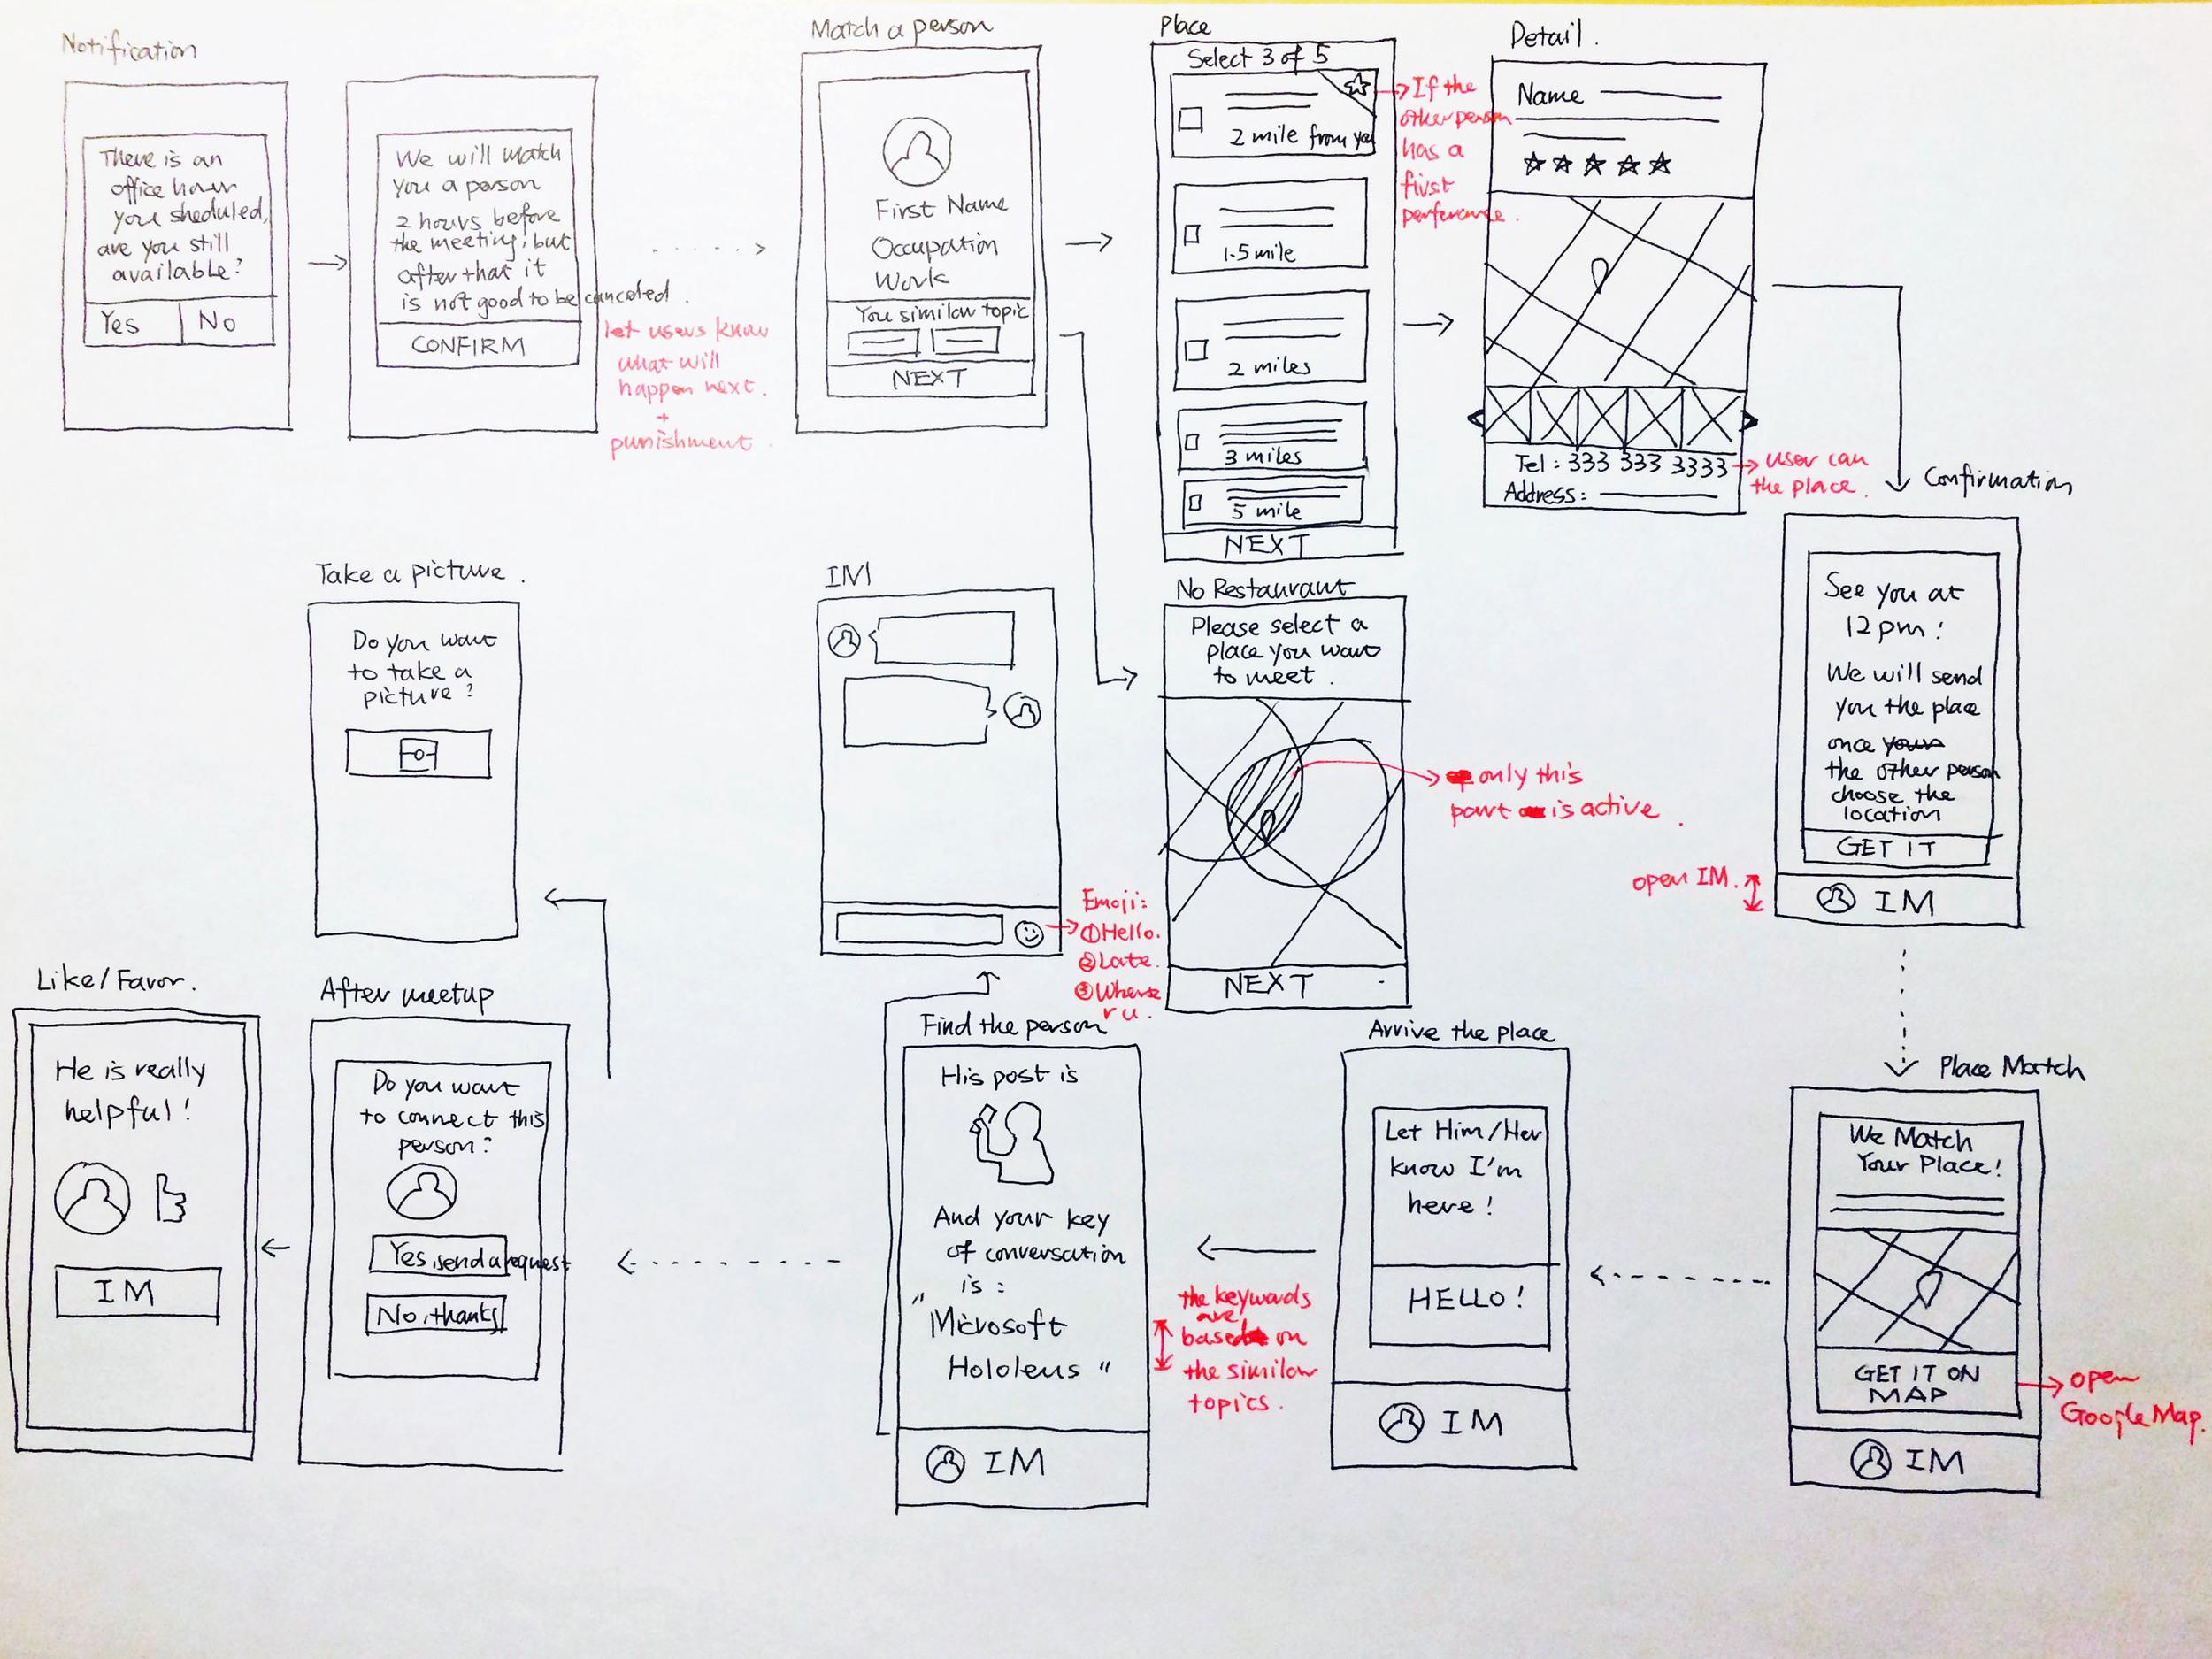 Sketch_meetup.jpg